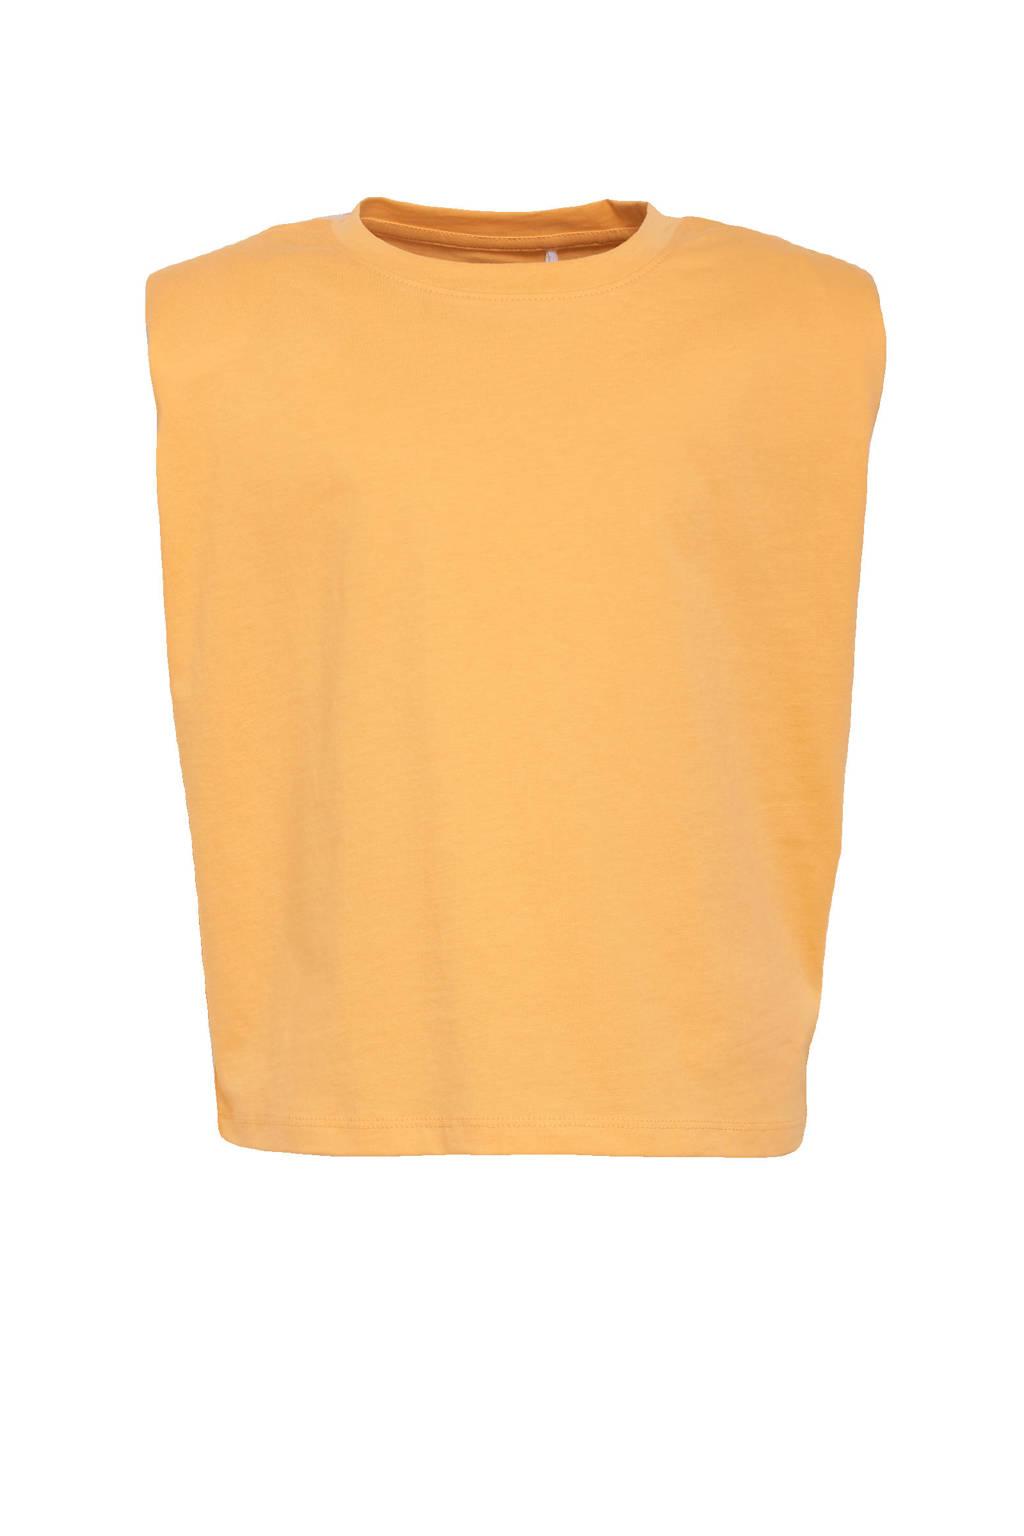 NAME IT KIDS top Jueniz van biologisch katoen oranje, Oranje